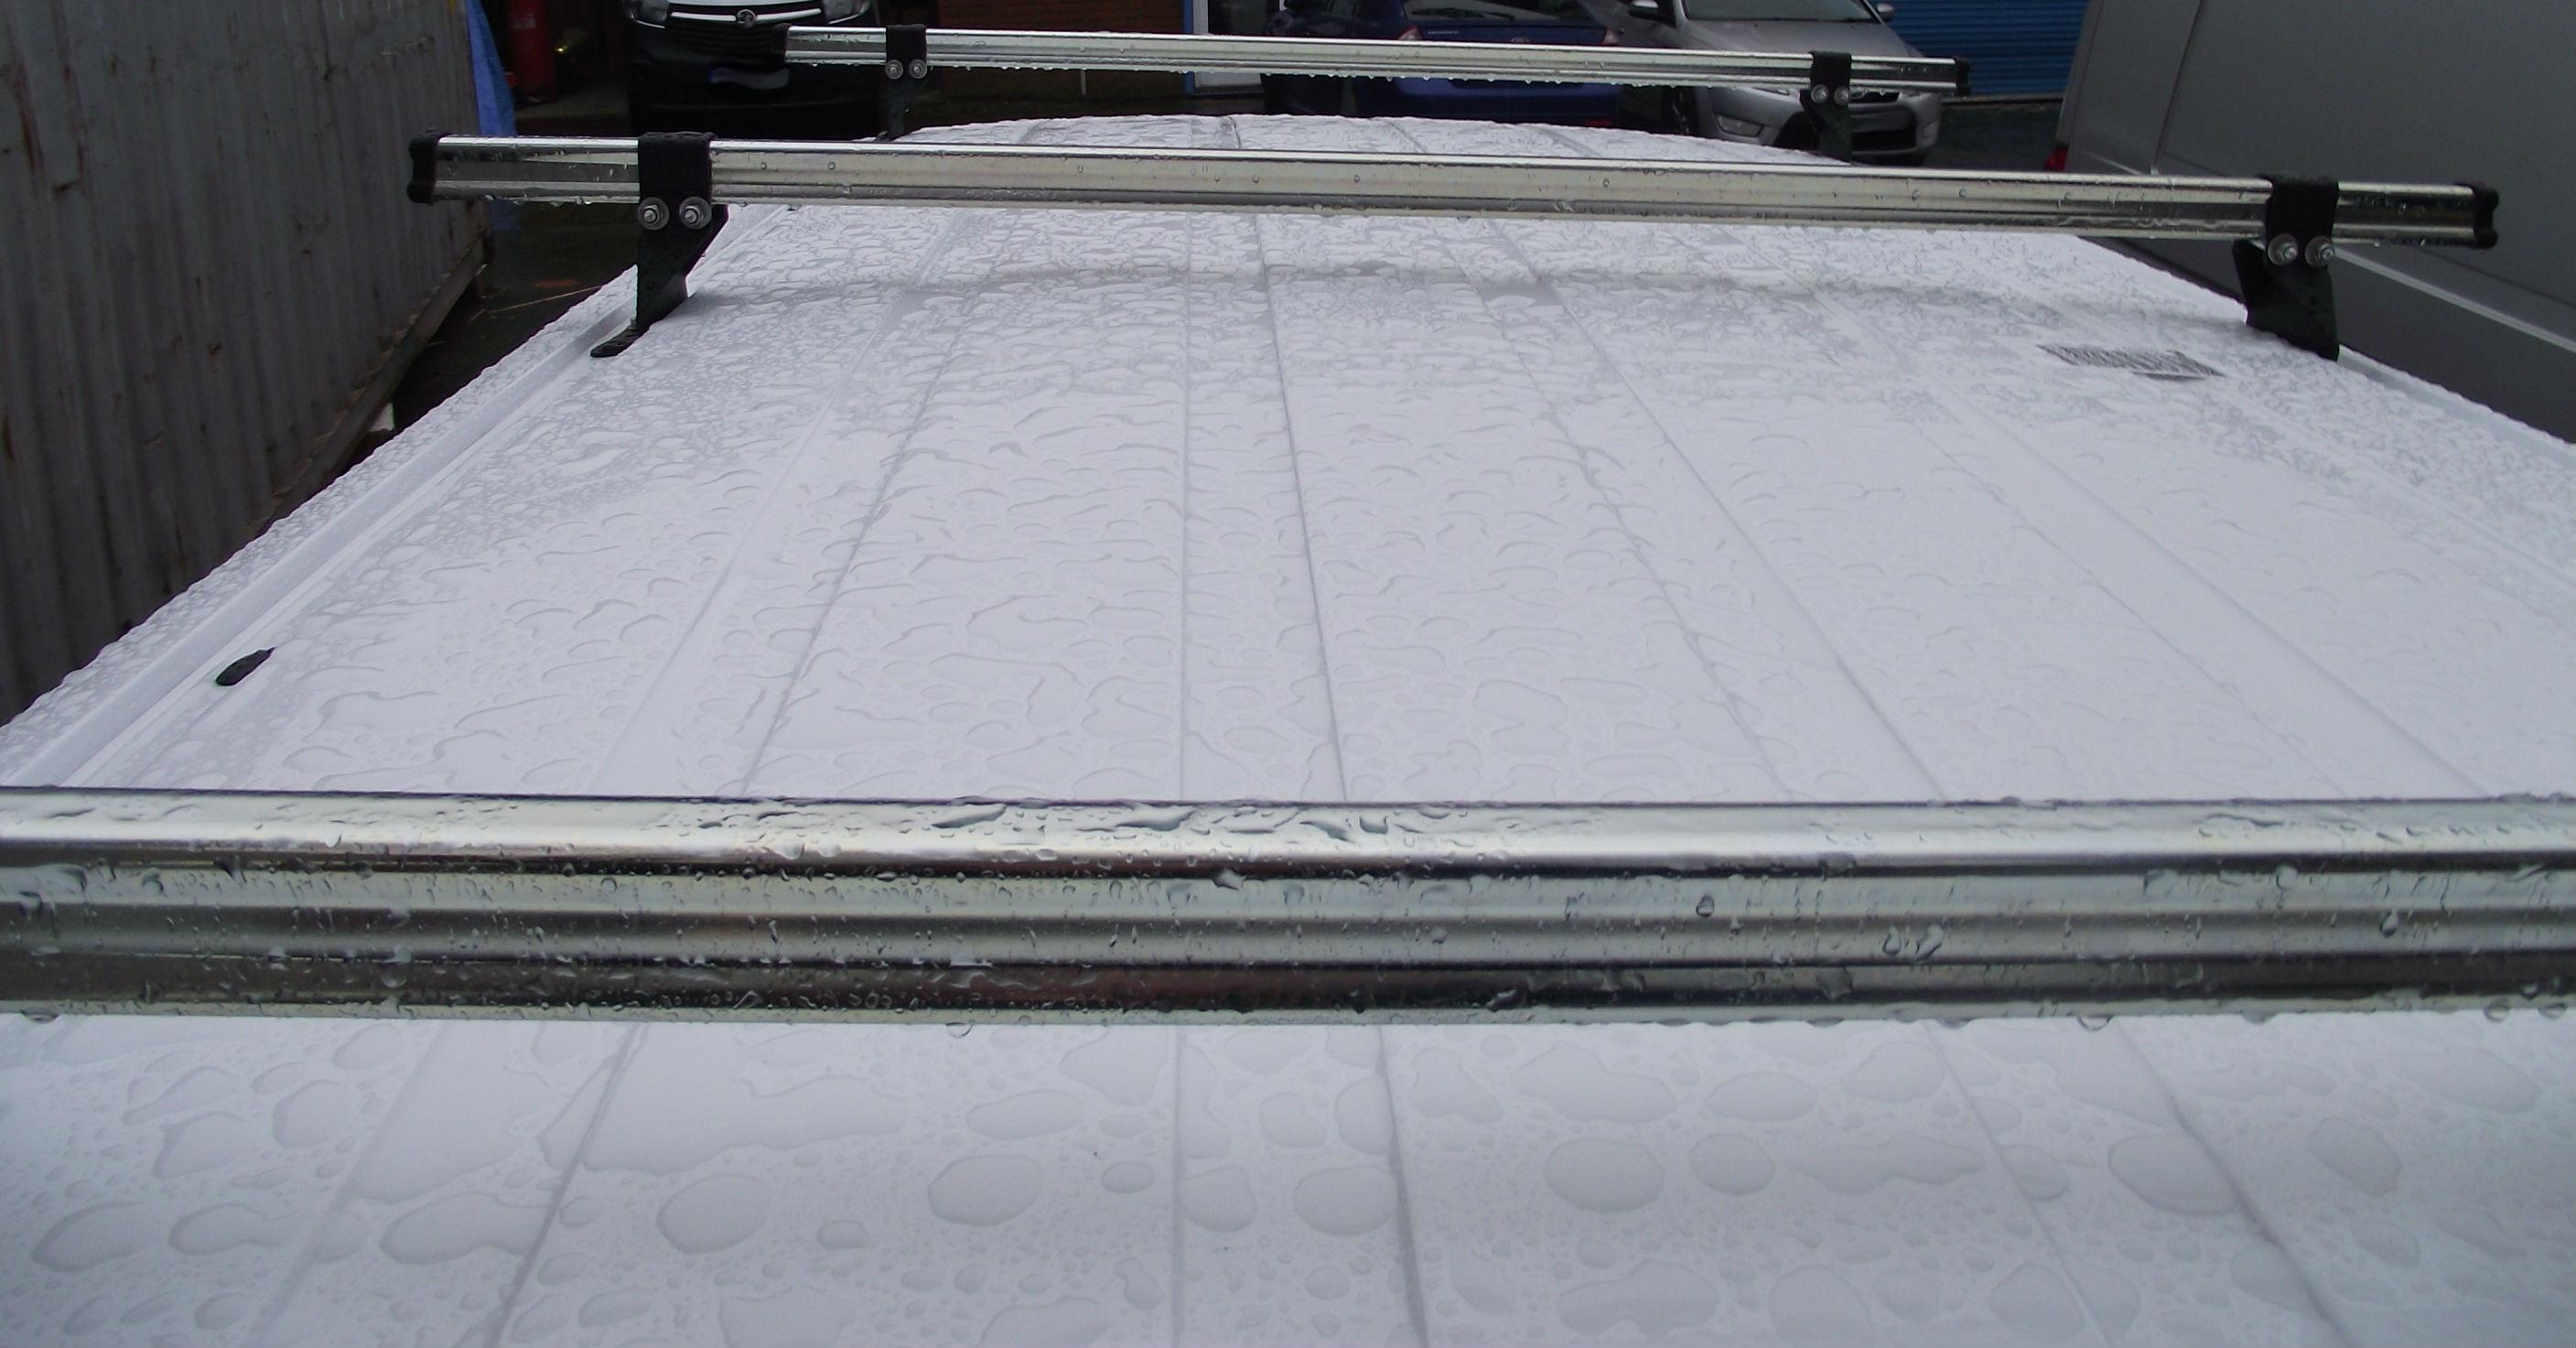 Ford-Transit-Connect-Delta-Bars-Rear-Door-Ladder-2.jpg